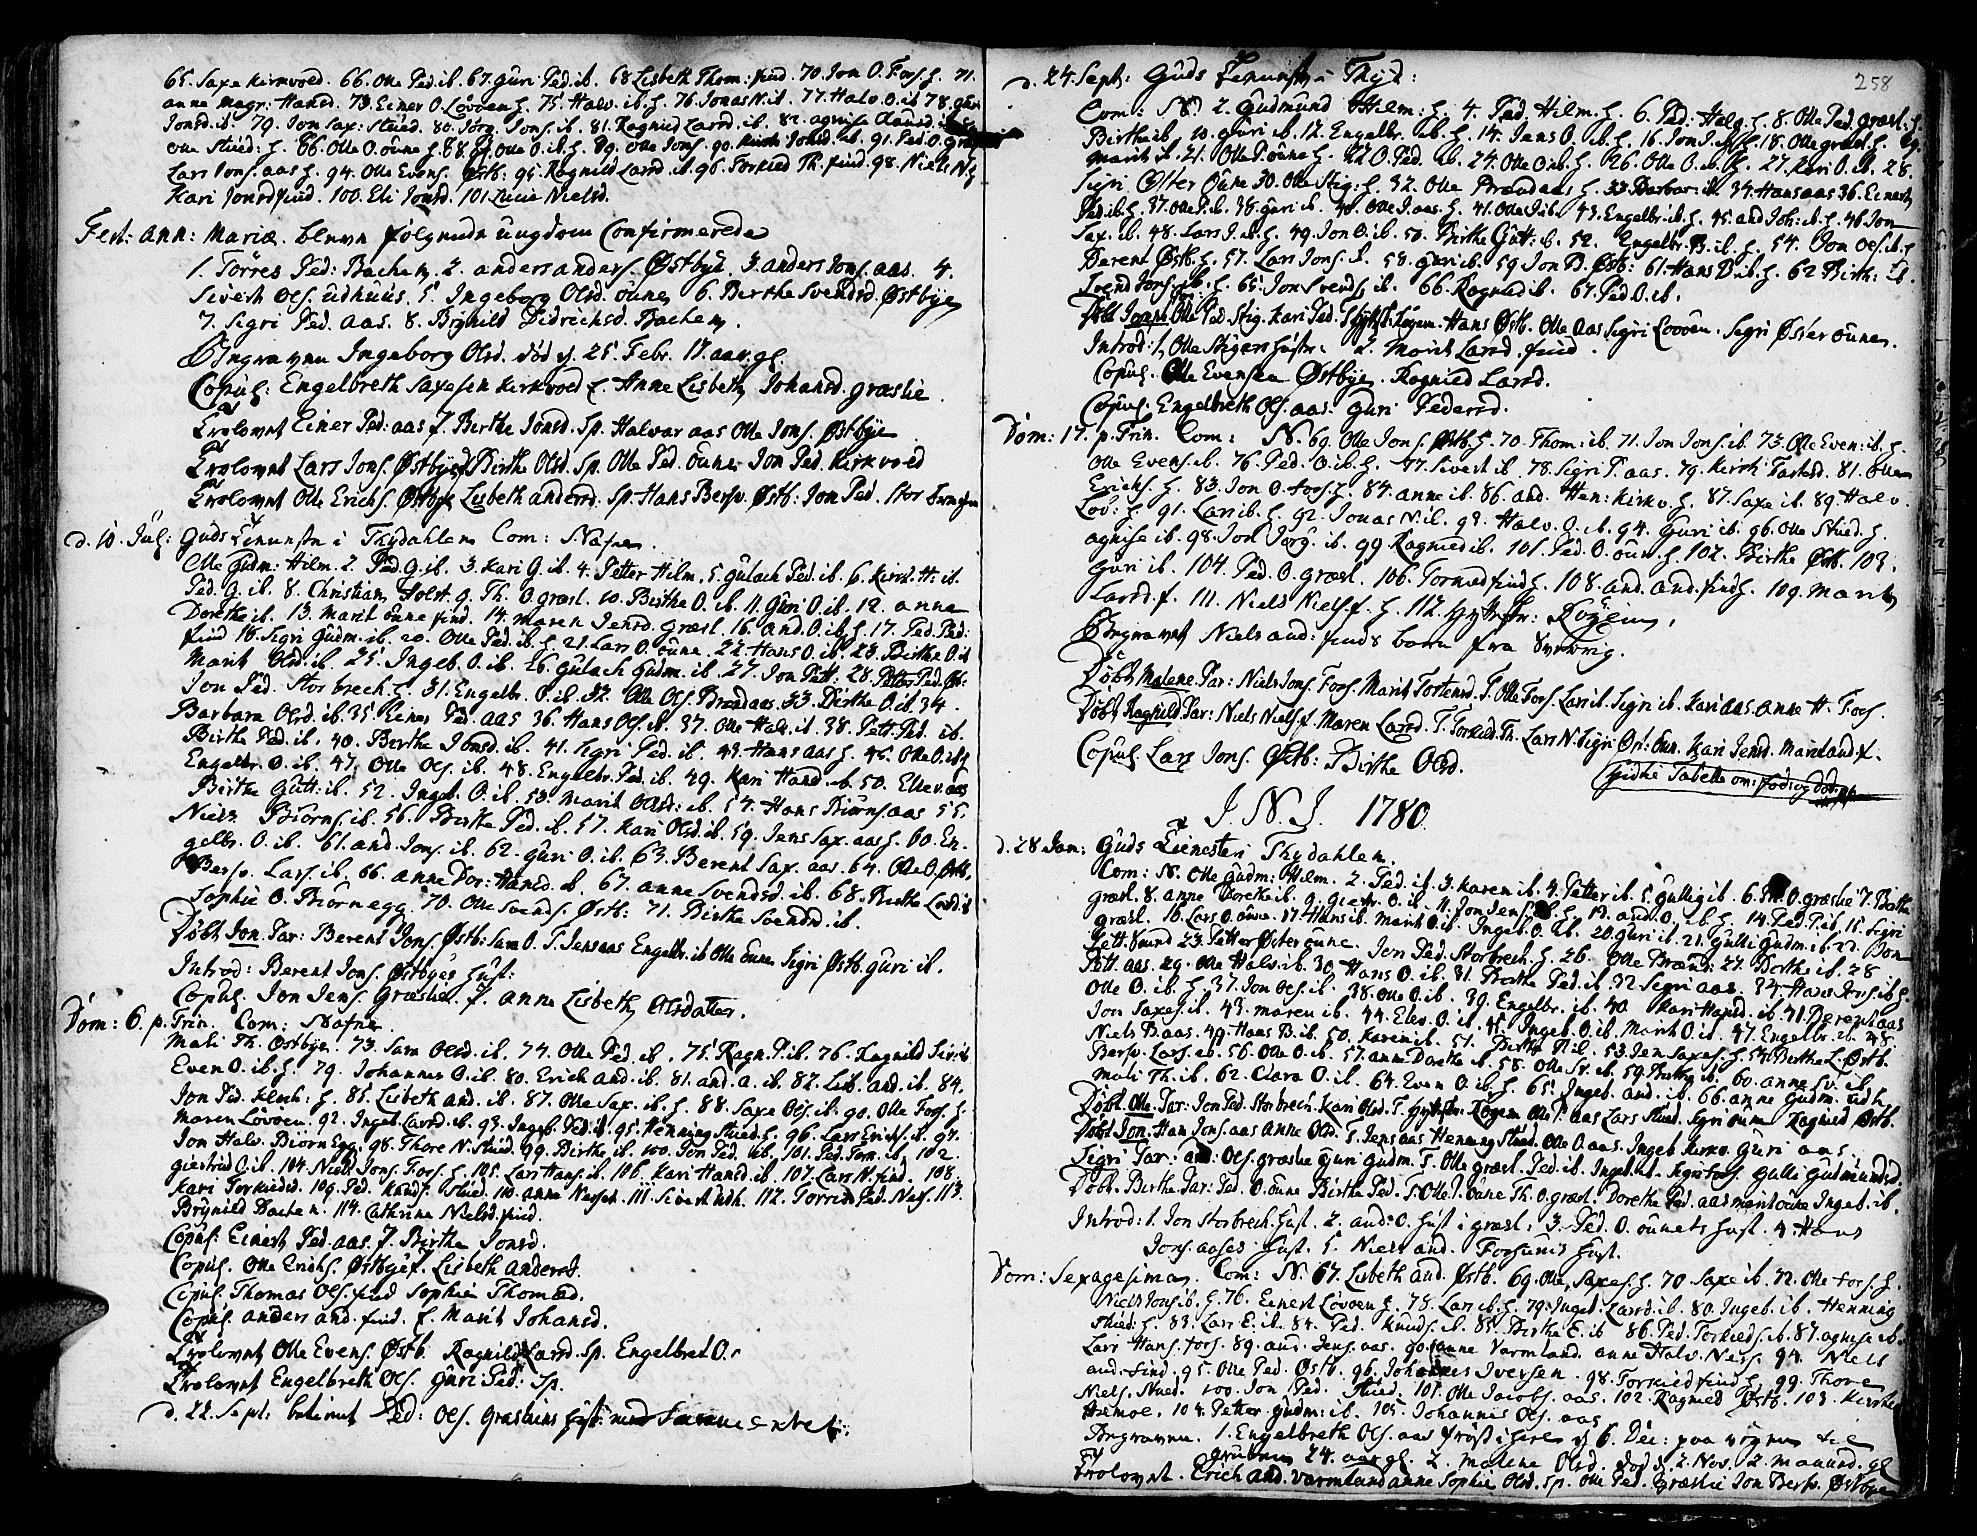 SAT, Ministerialprotokoller, klokkerbøker og fødselsregistre - Sør-Trøndelag, 695/L1139: Ministerialbok nr. 695A02 /2, 1776-1790, s. 258